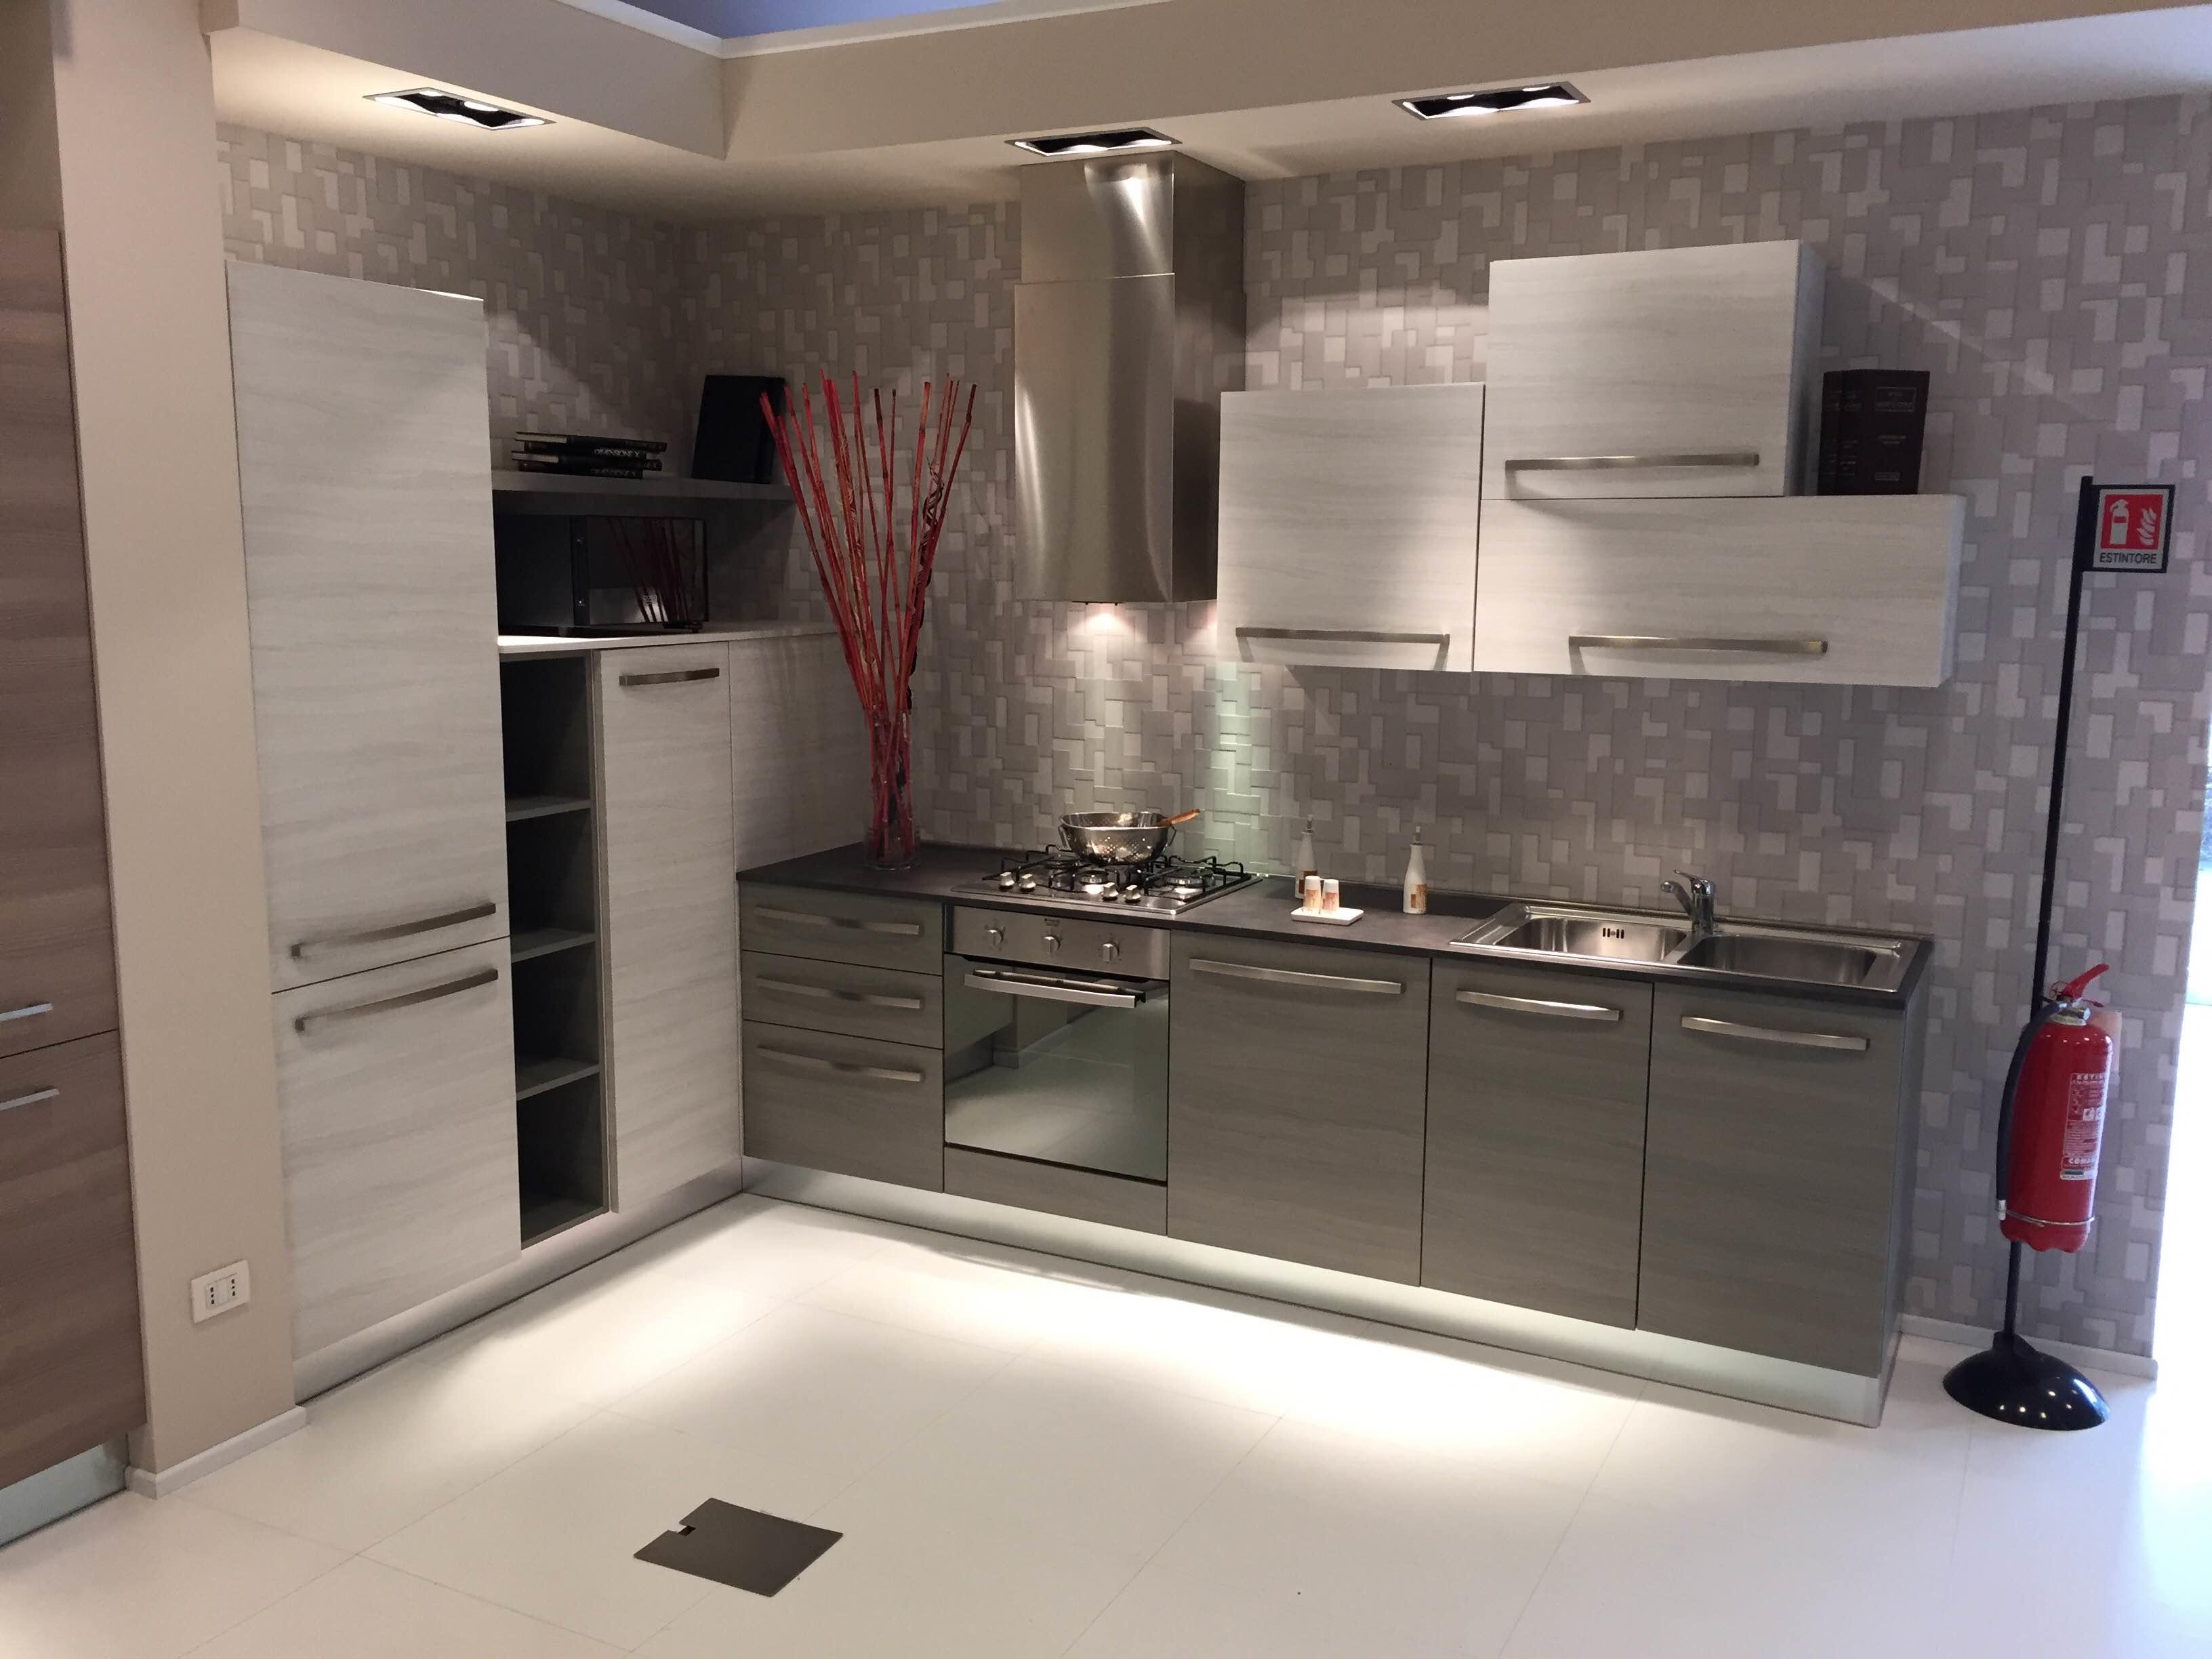 arrex-2: prezzi outlet, offerte e sconti - Arrex Cucine Moderne